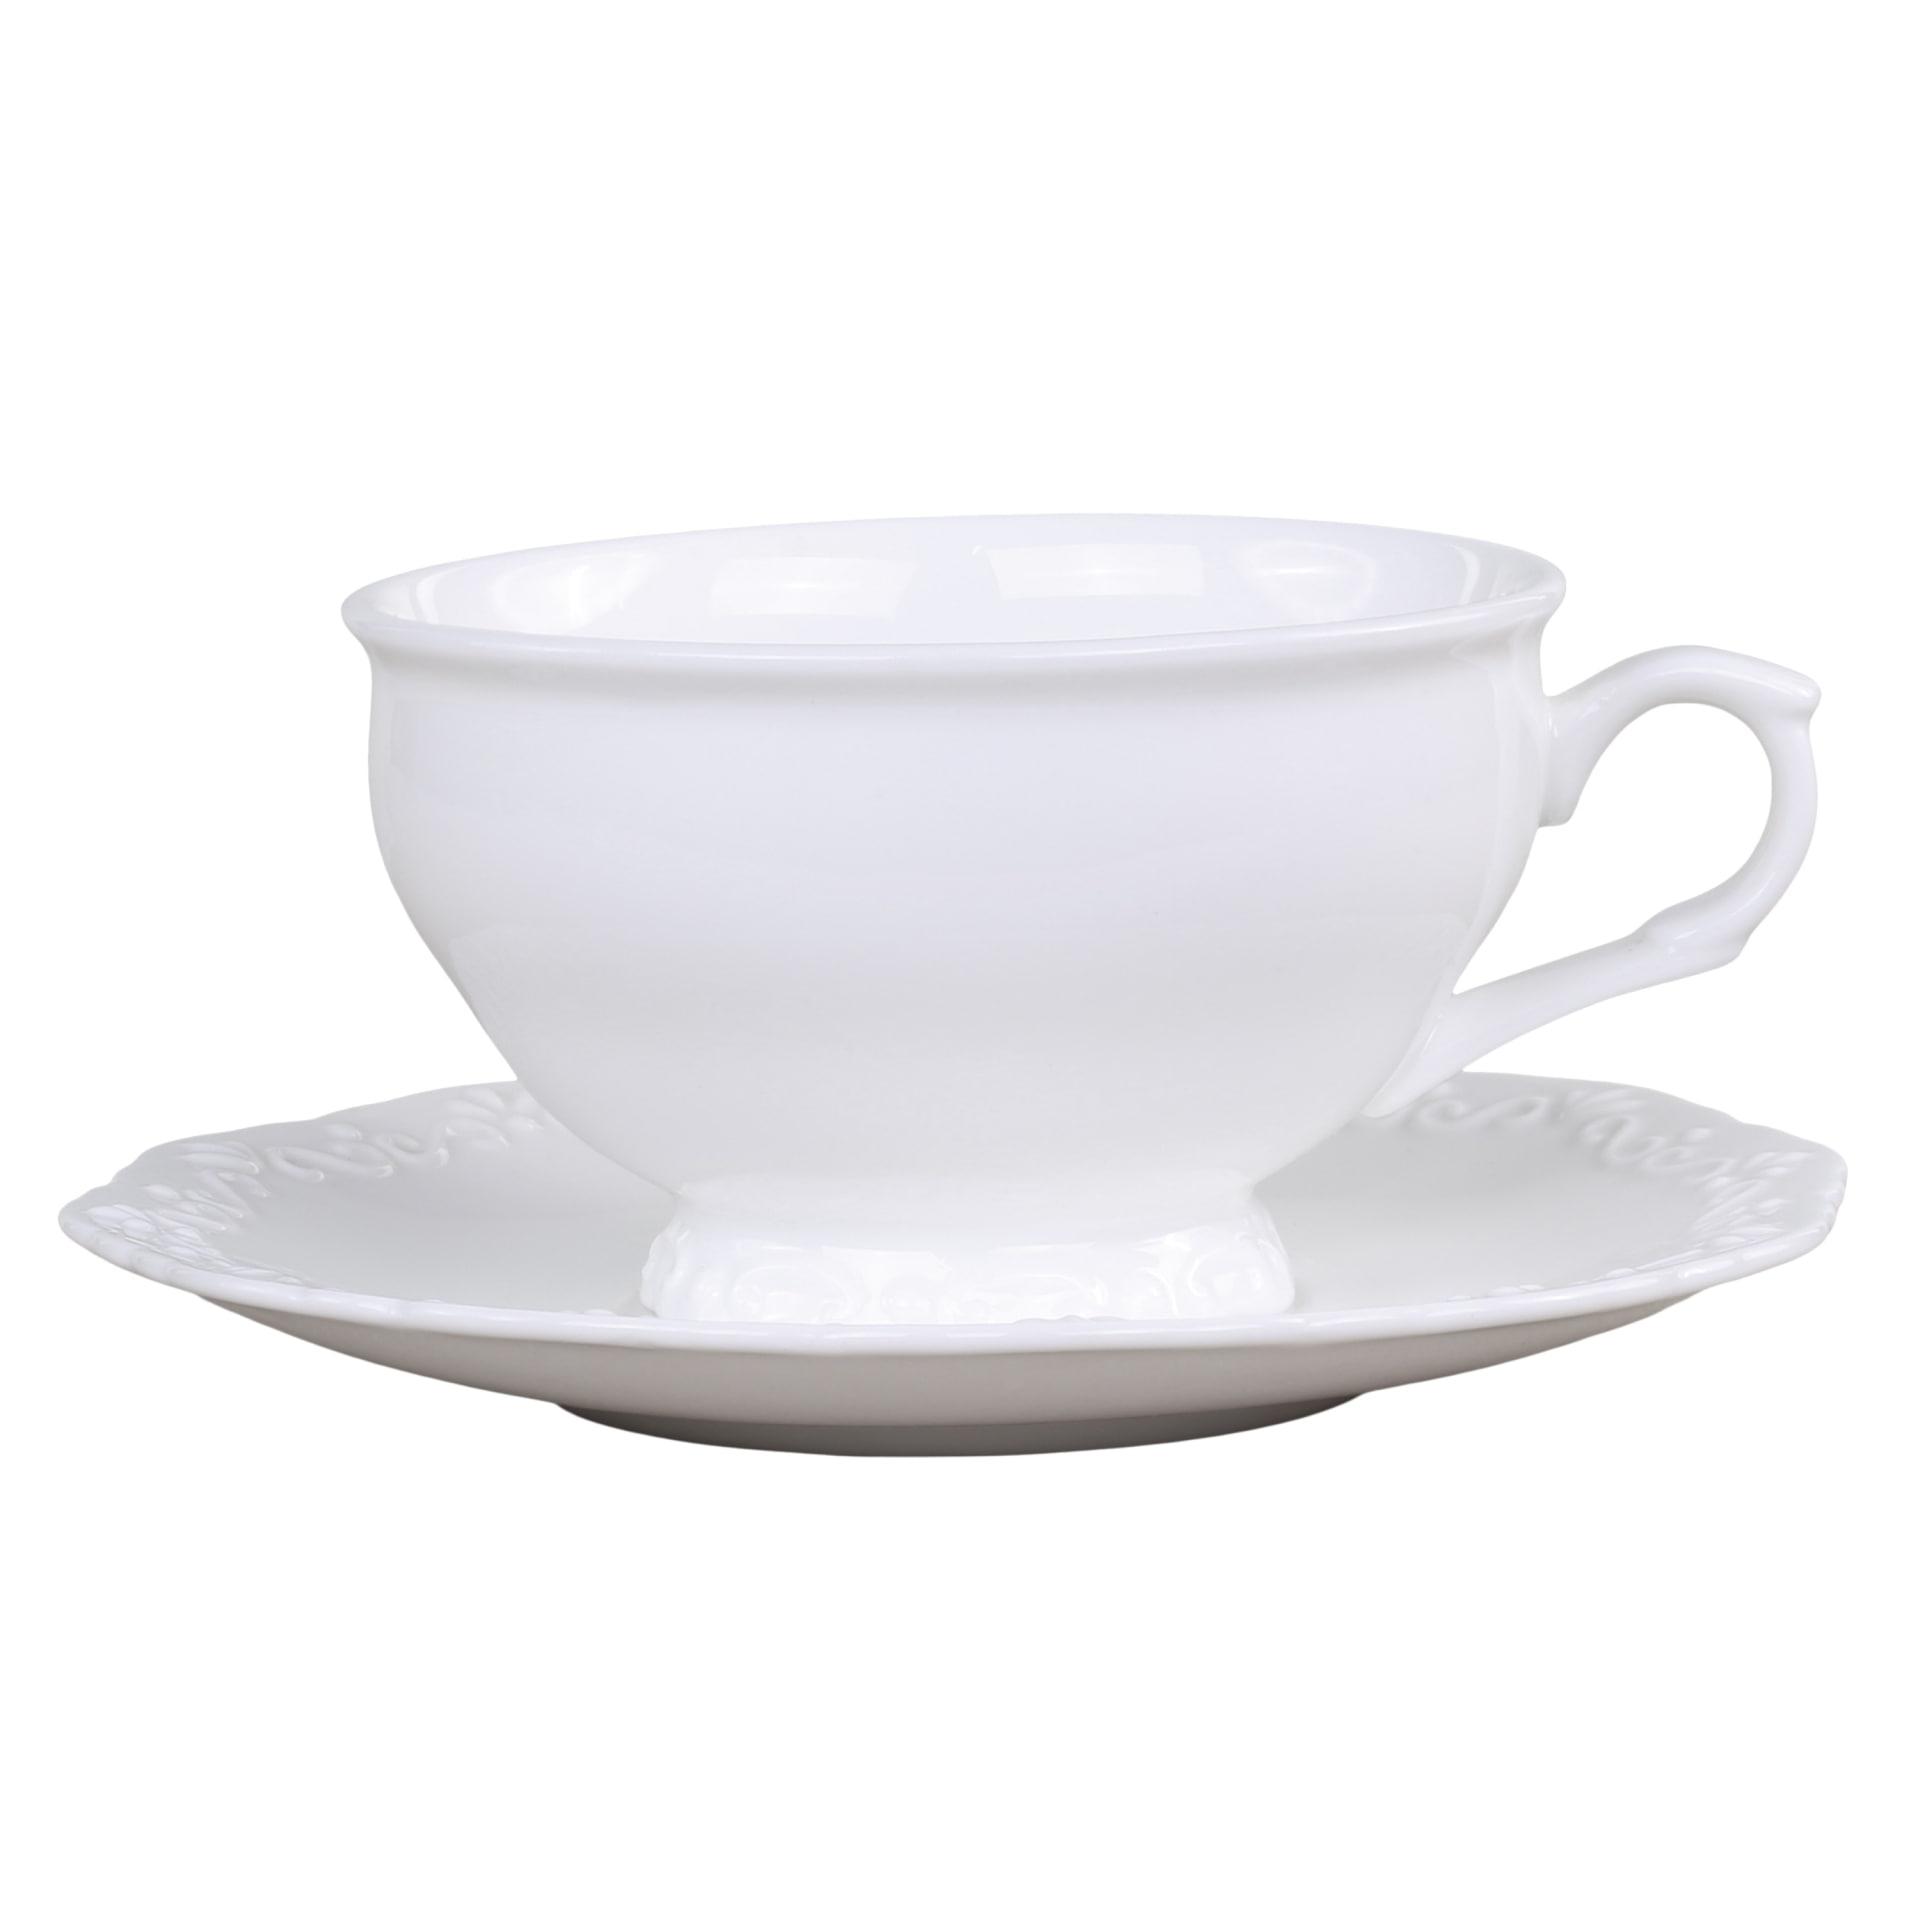 Chic Antique Porcelánový šálek s podšálkem Provence, bílá barva, porcelán